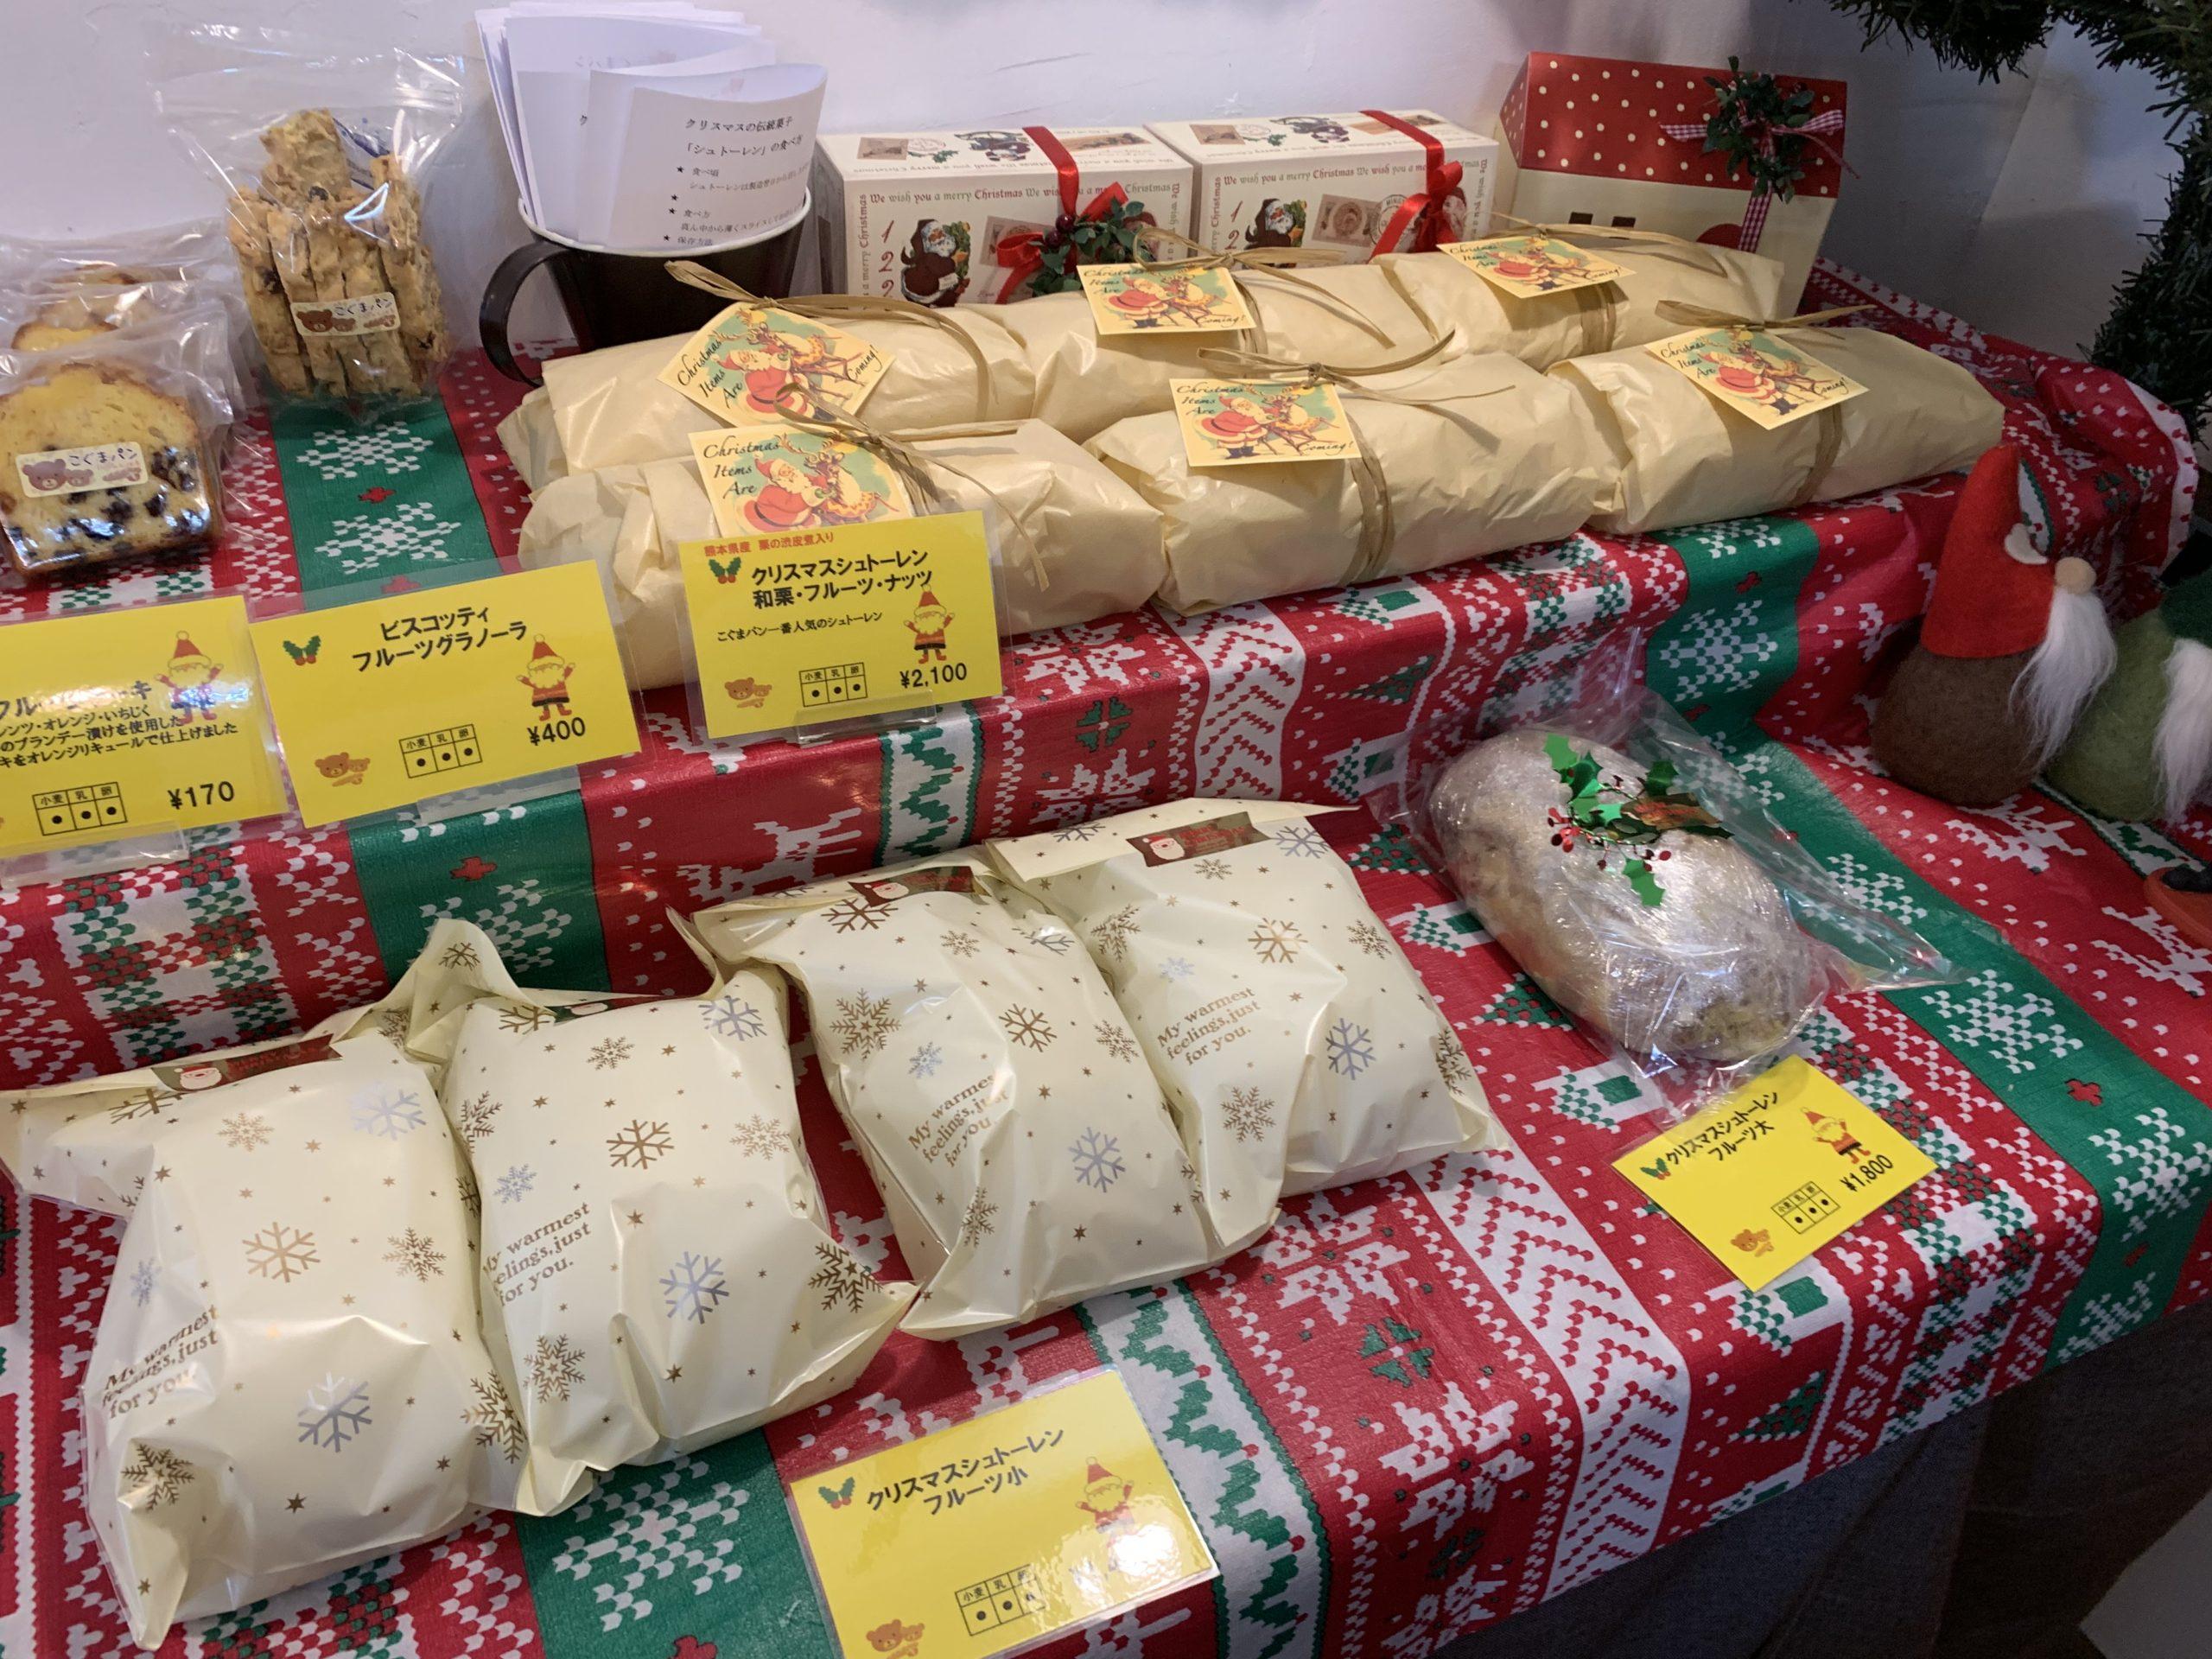 【おやつ部】こぐまパン シュトーレン 2,100円